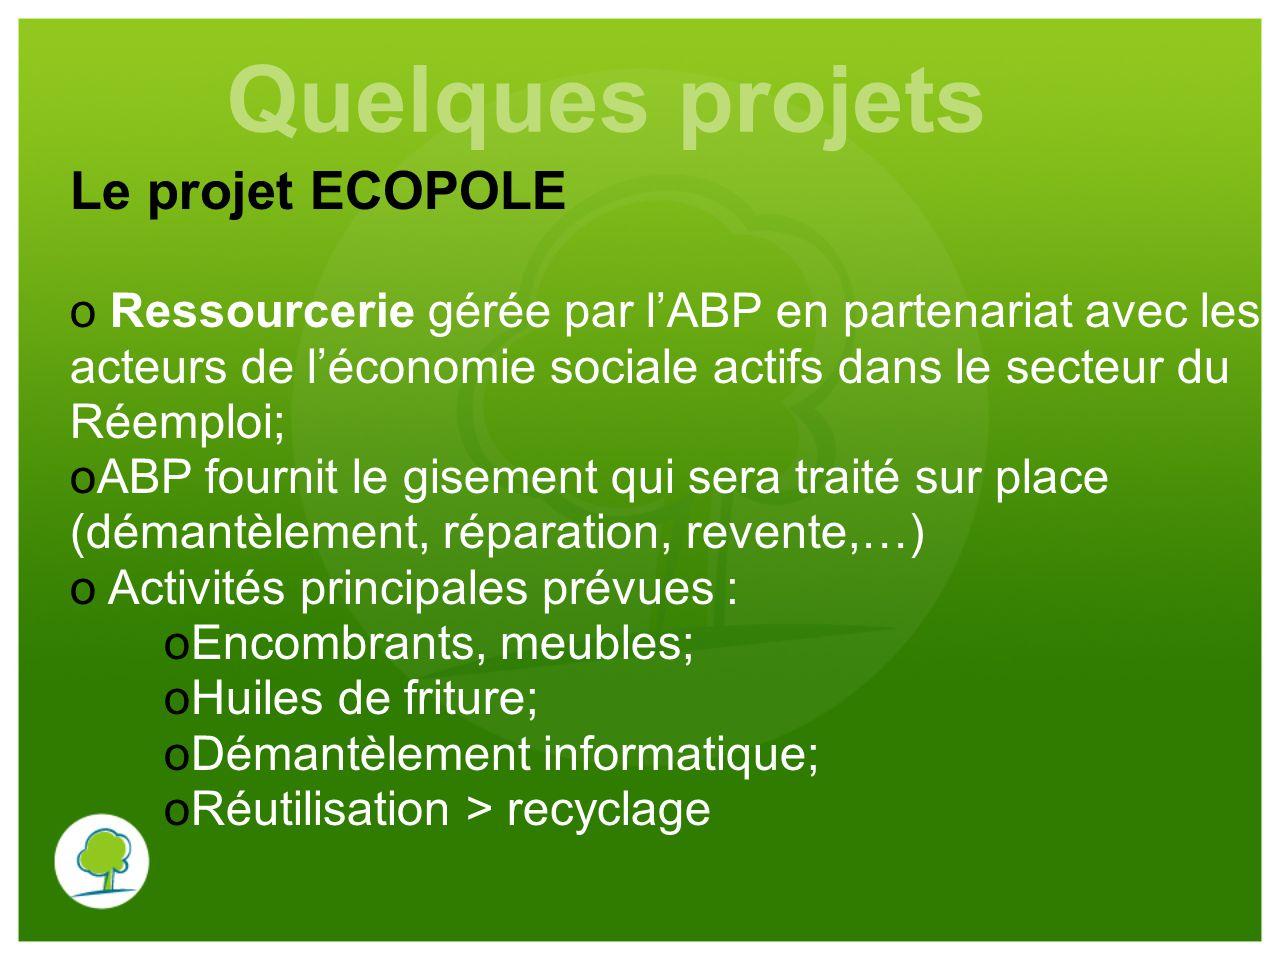 Le projet ECOPOLE o Ressourcerie gérée par l'ABP en partenariat avec les acteurs de l'économie sociale actifs dans le secteur du Réemploi; oABP fourni